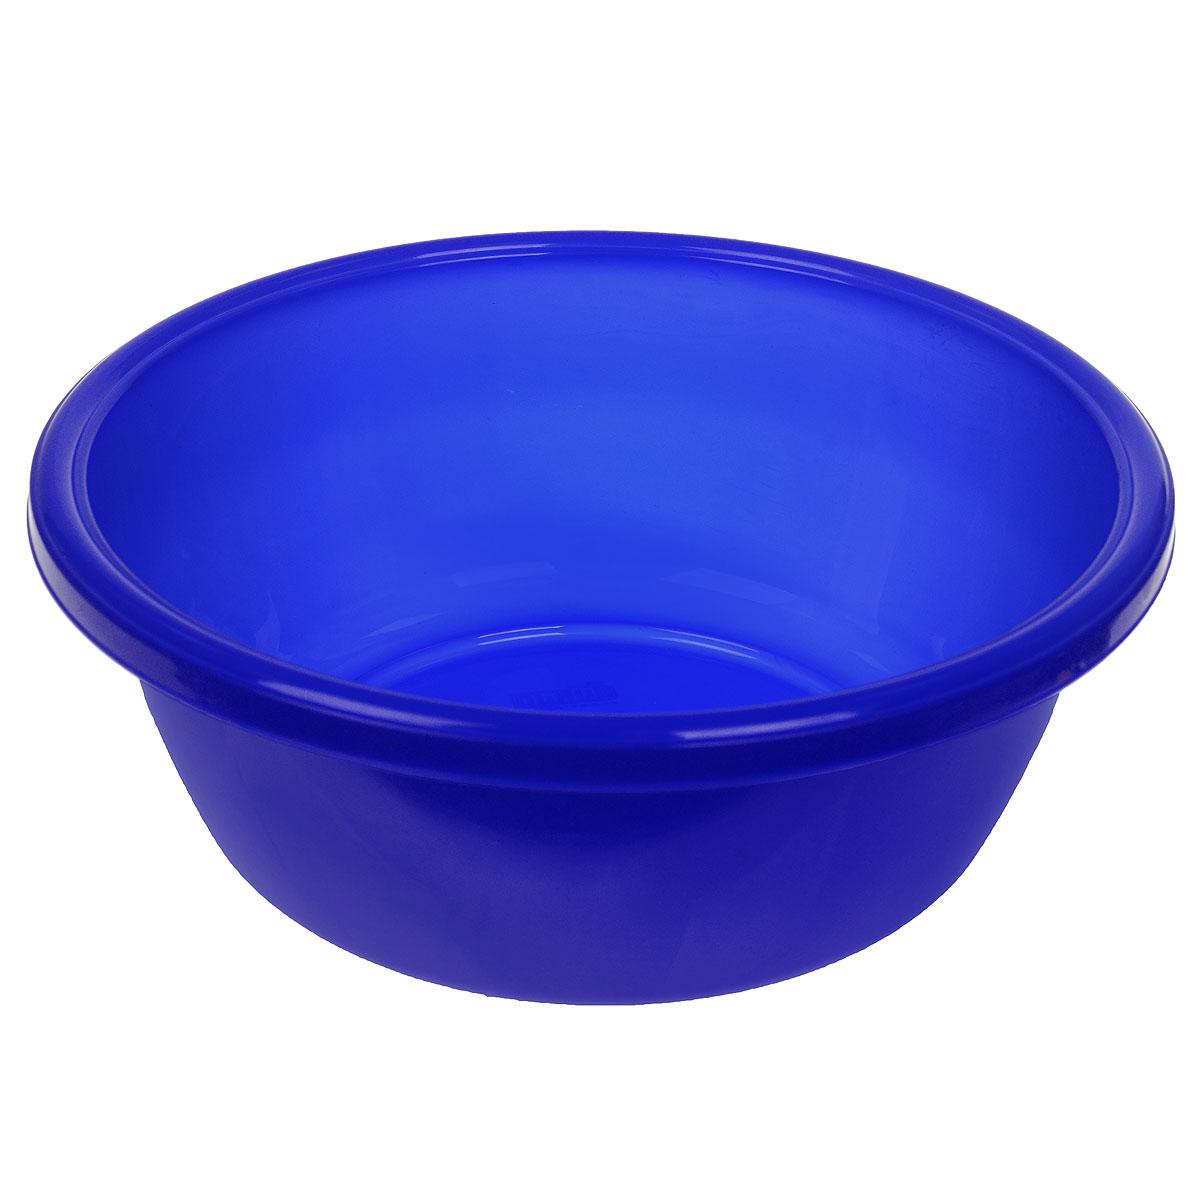 Таз Dunya Plastik, цвет: синий, 7 л10325_синийТаз Dunya Plastik изготовлен из прочного пластика. Он предназначен для стирки и хранения разных вещей. По бокам имеются удобные углубления, которые обеспечивают удобный захват. Таз пригодится в любом хозяйстве.